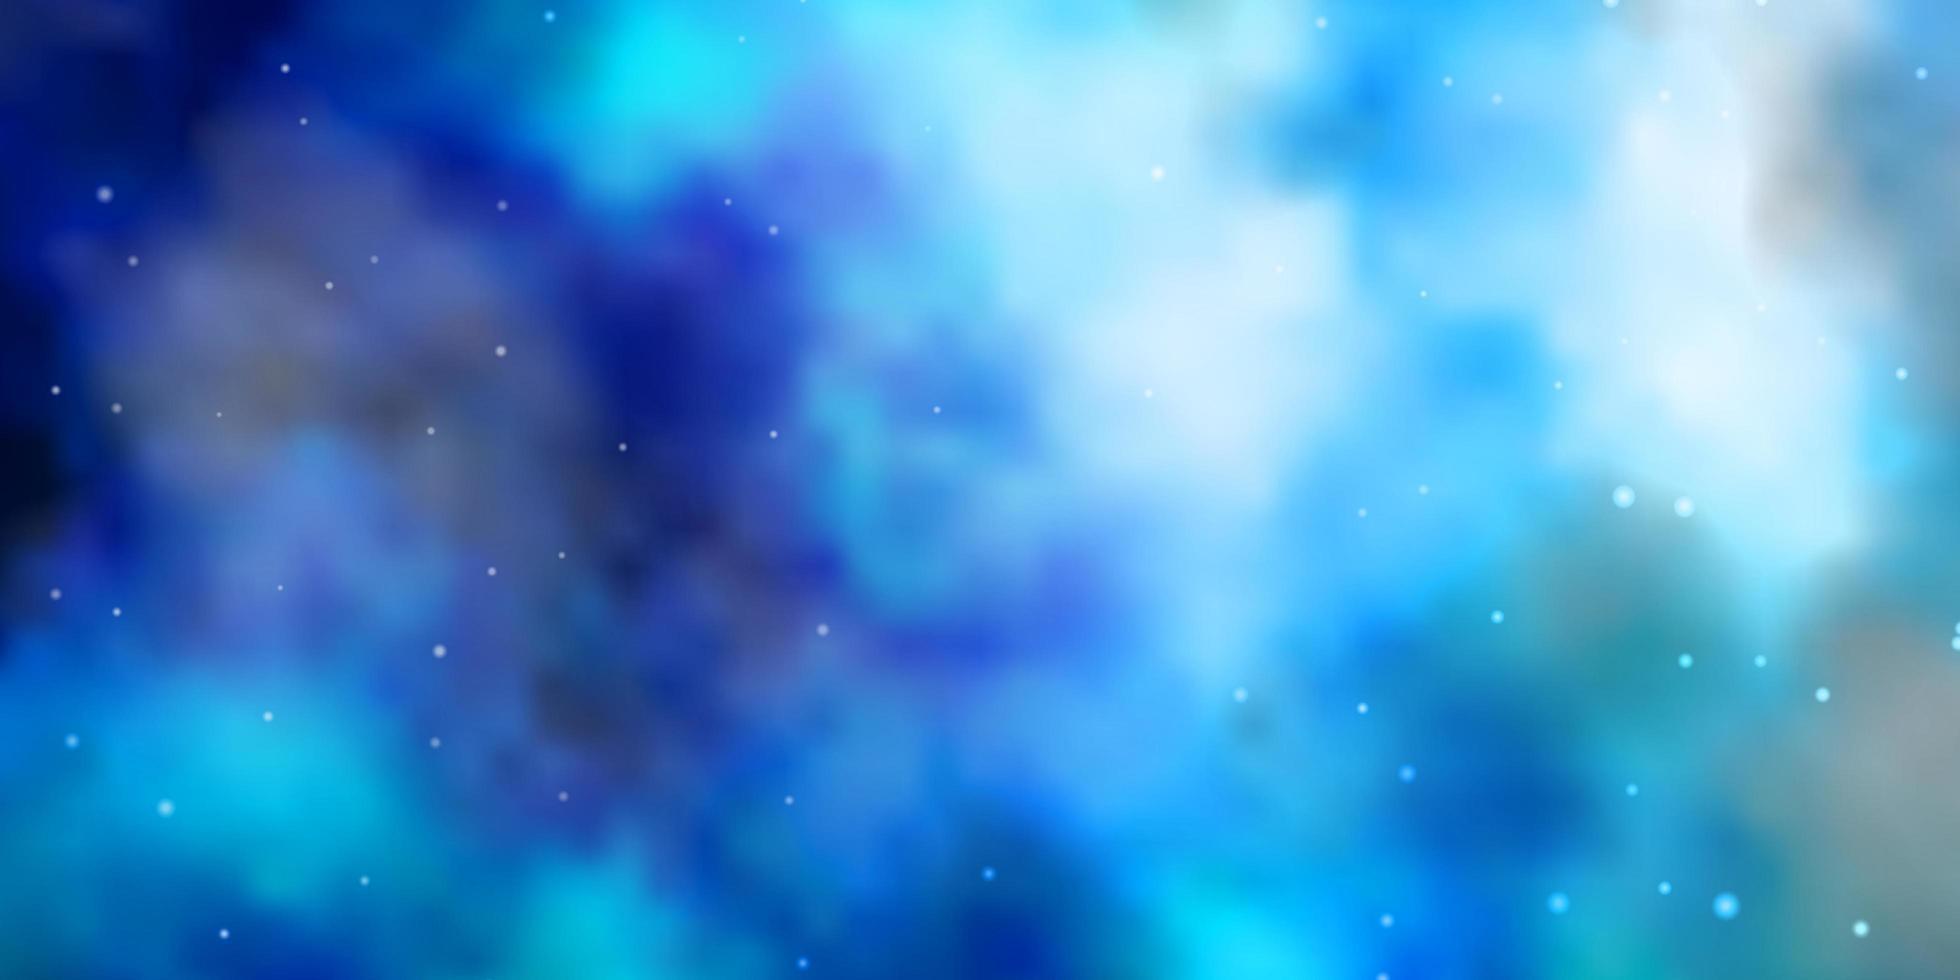 modello vettoriale azzurro con stelle astratte.